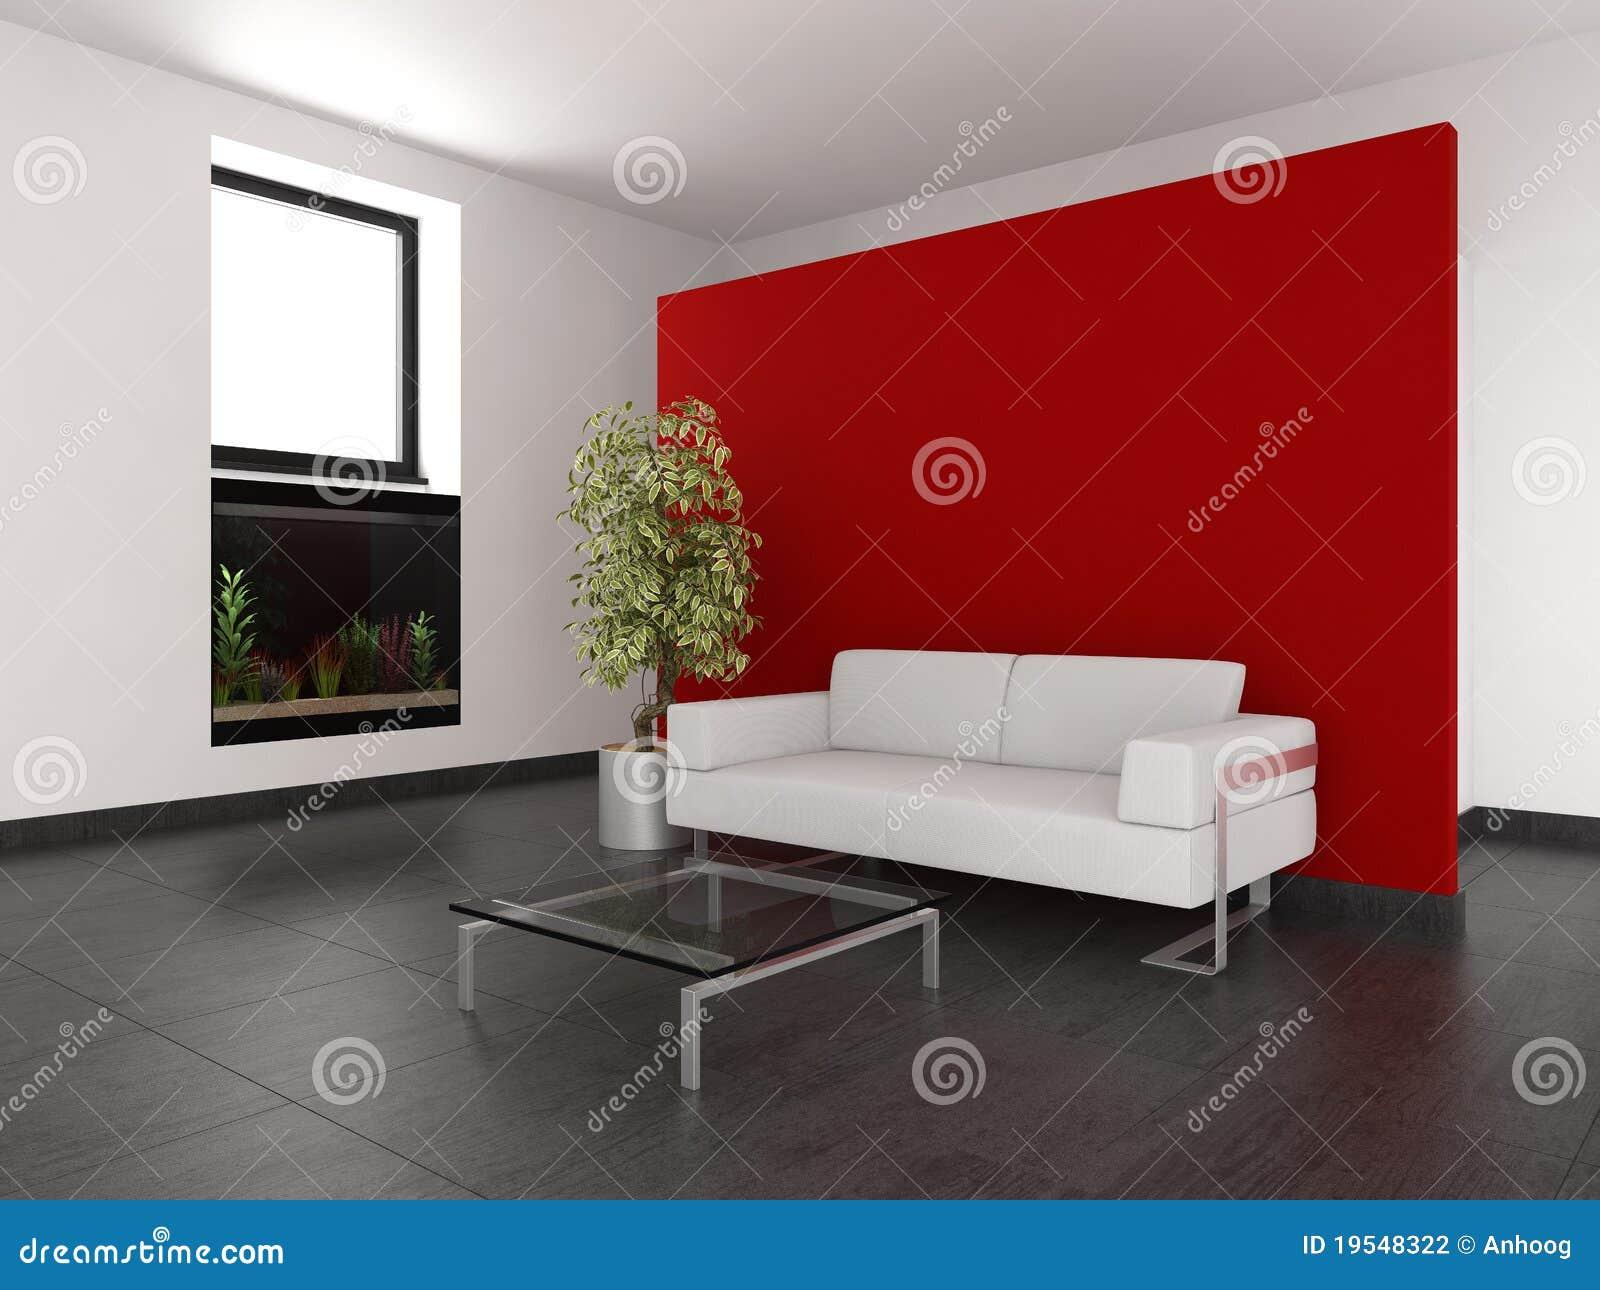 Moderne woonkamer met rood muur en aquarium stock fotografie beeld 19548322 for Moderne woonkamer